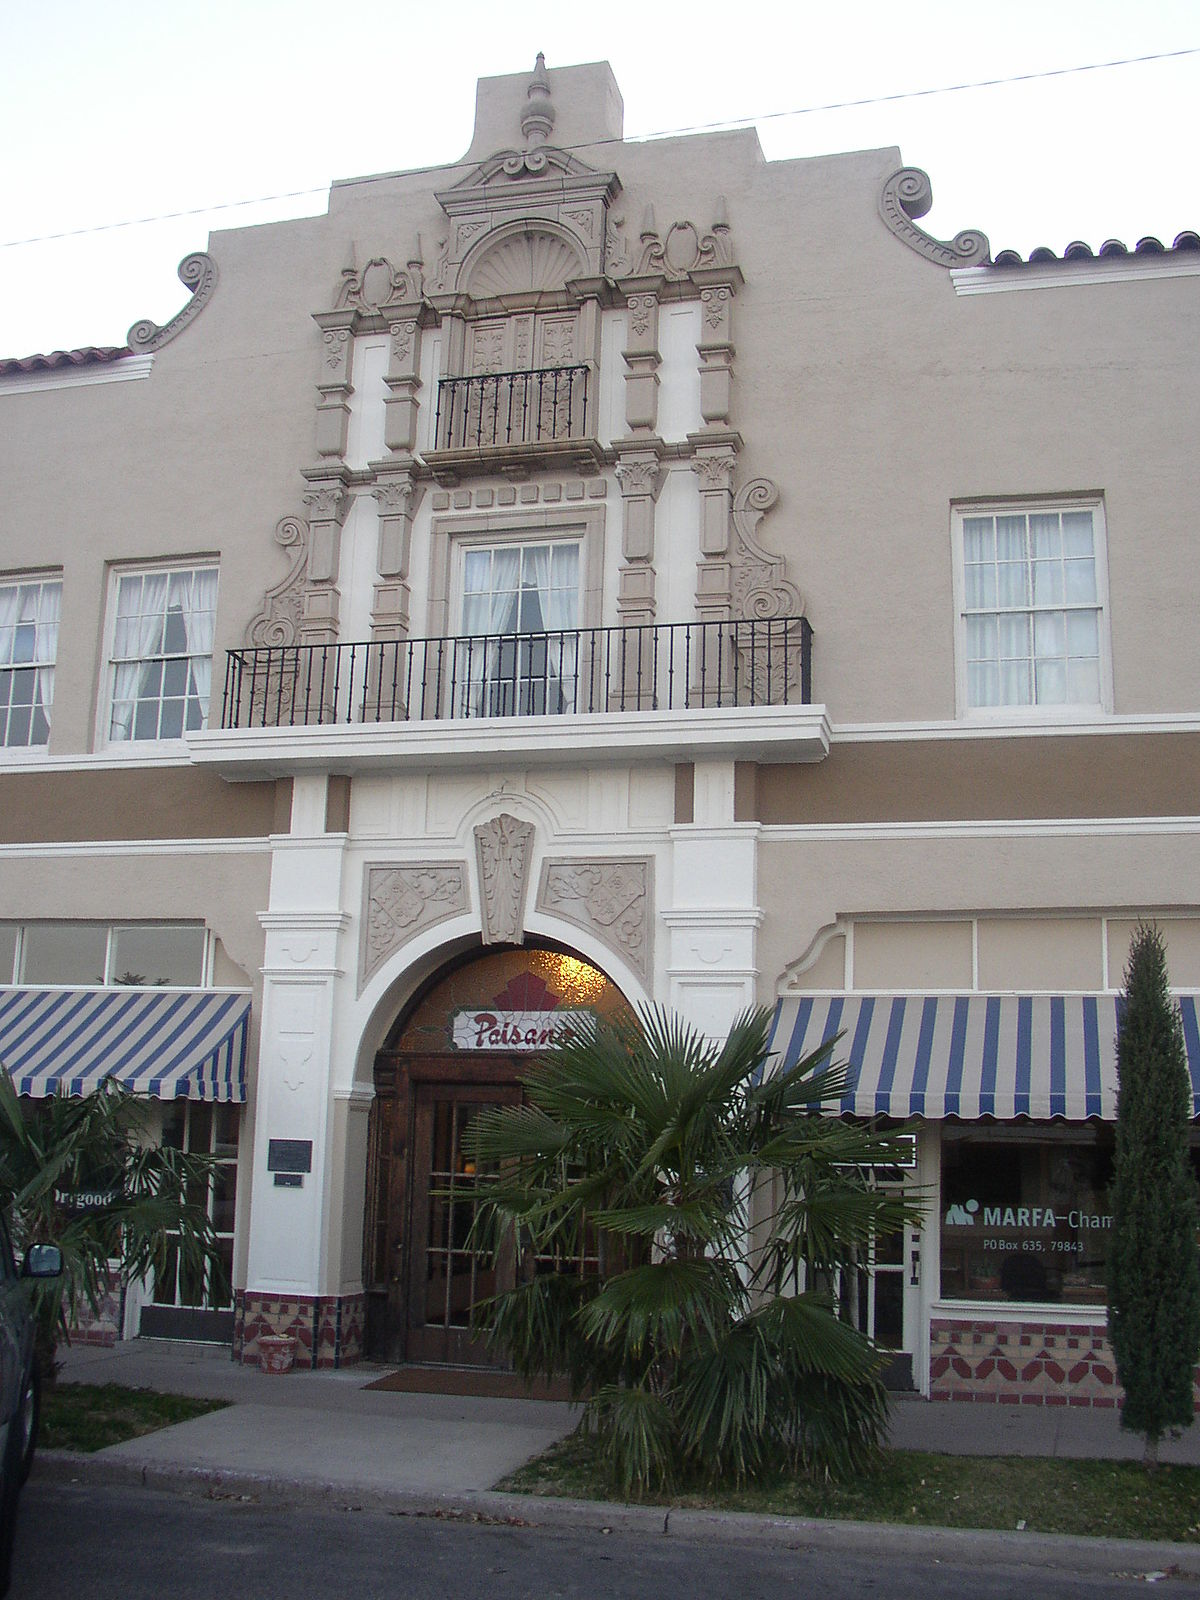 el paisano hotel wikipedia